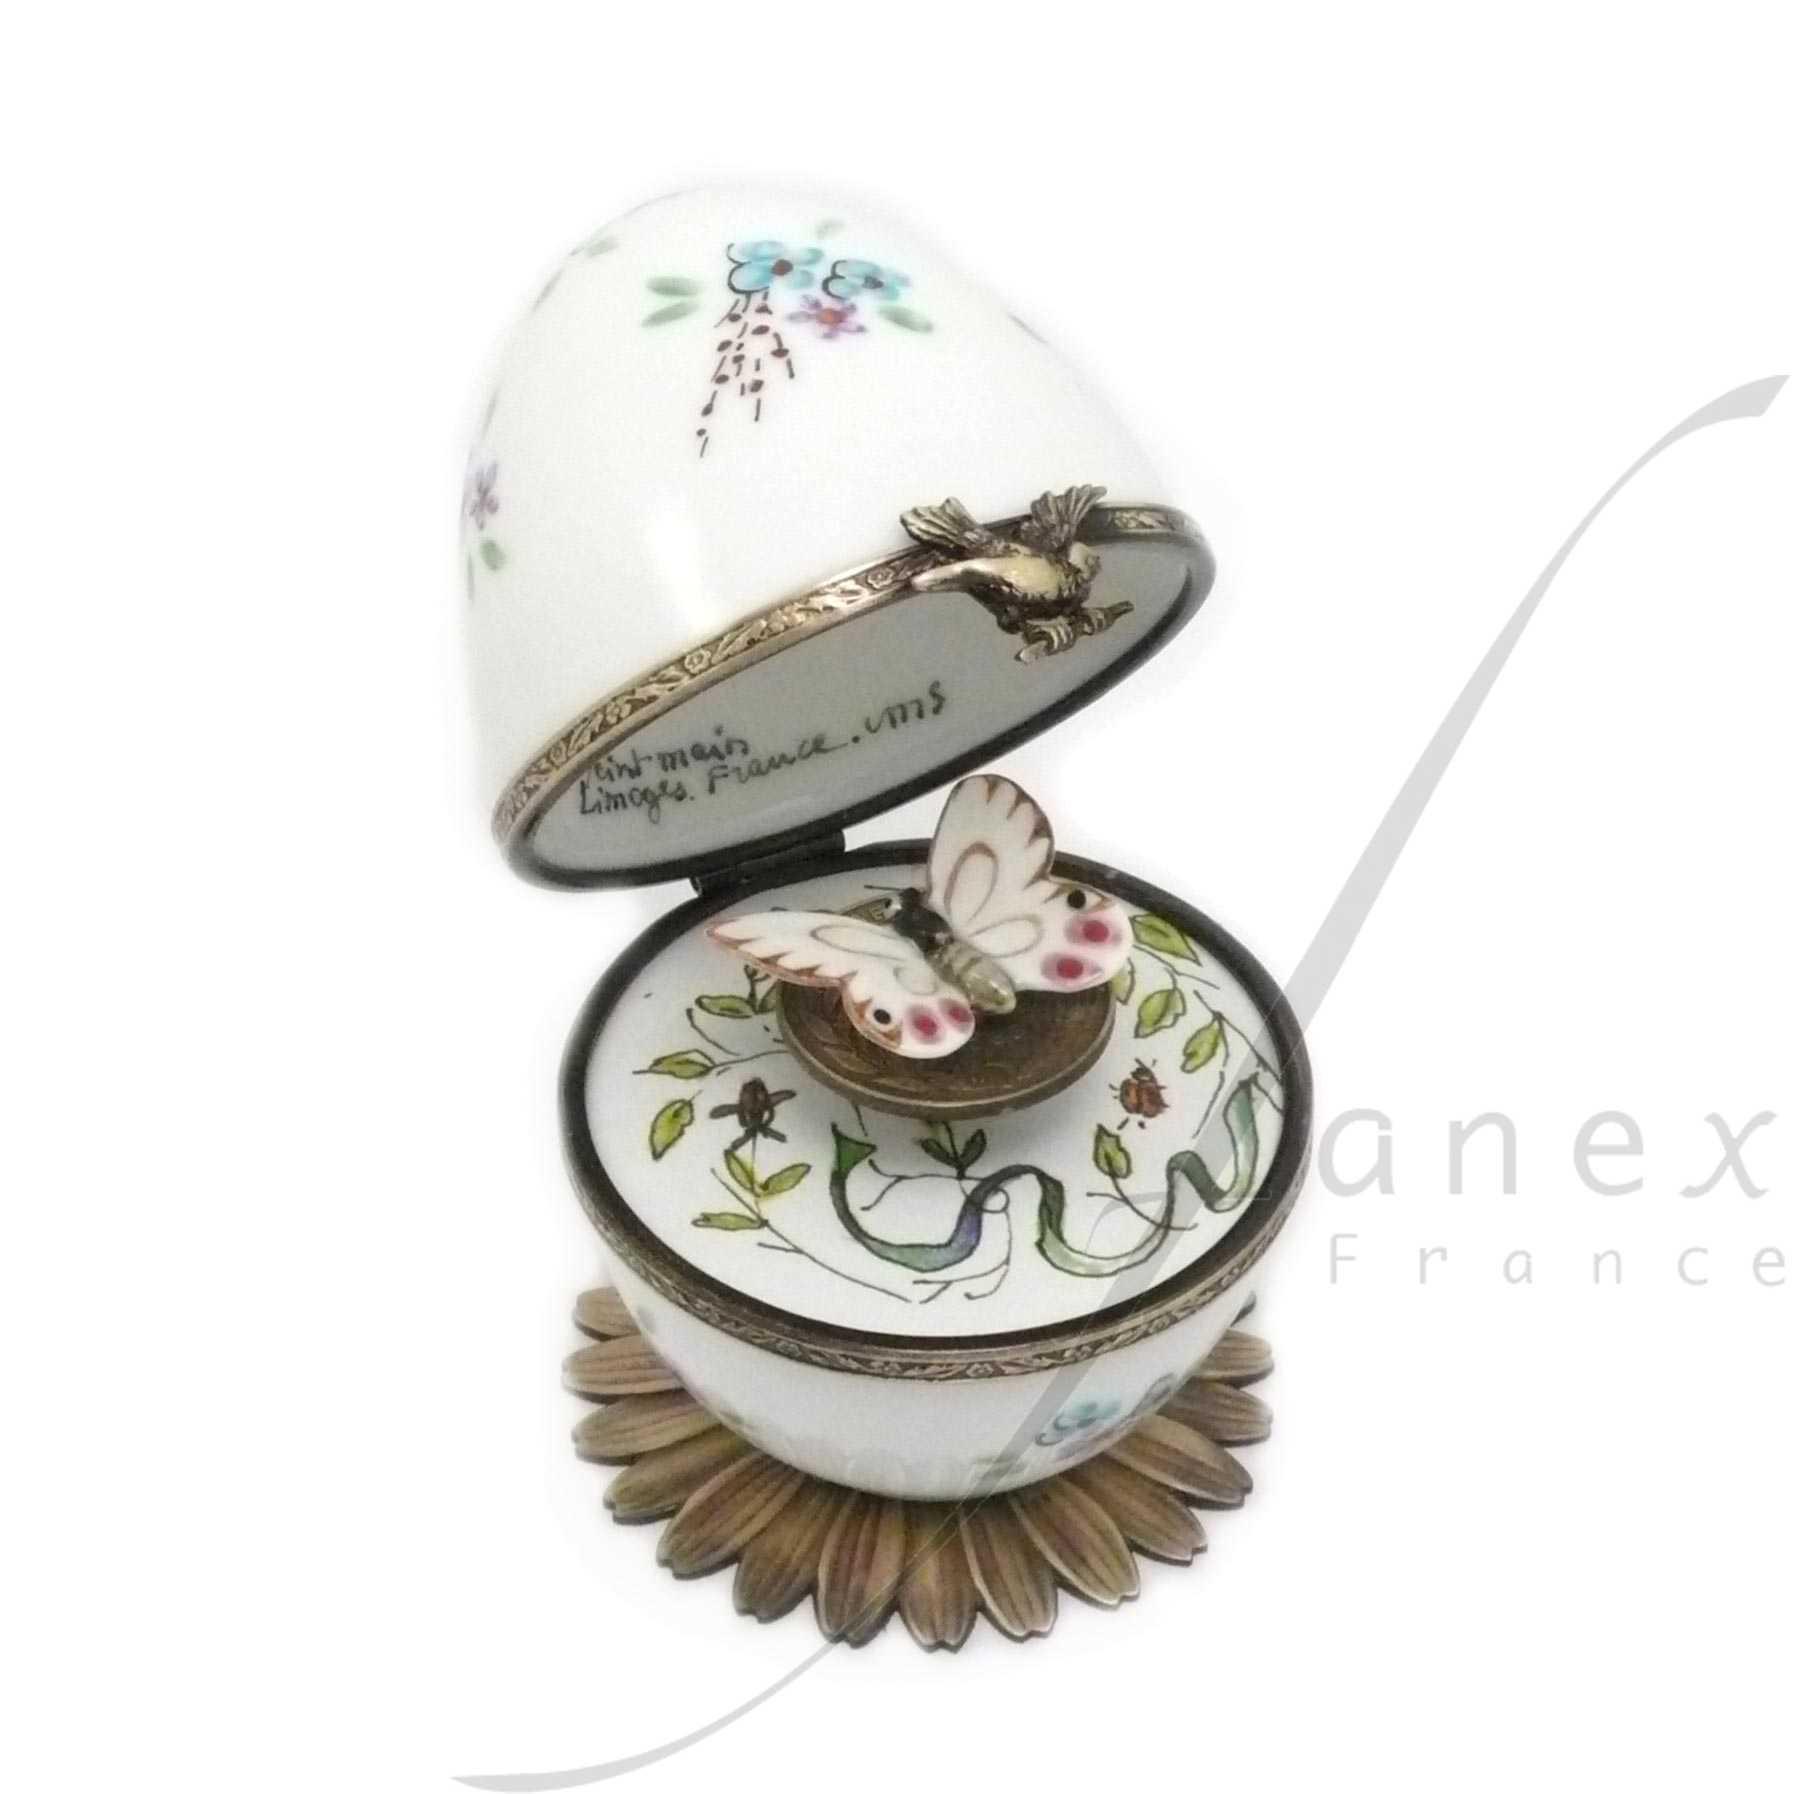 Boite à musique oeuf en porcelaine de Limoges peint main . remontoir papillon. Musique La valse des fleurs . Collection fleurs, couleur pastel. création et fabrication Fanex France.